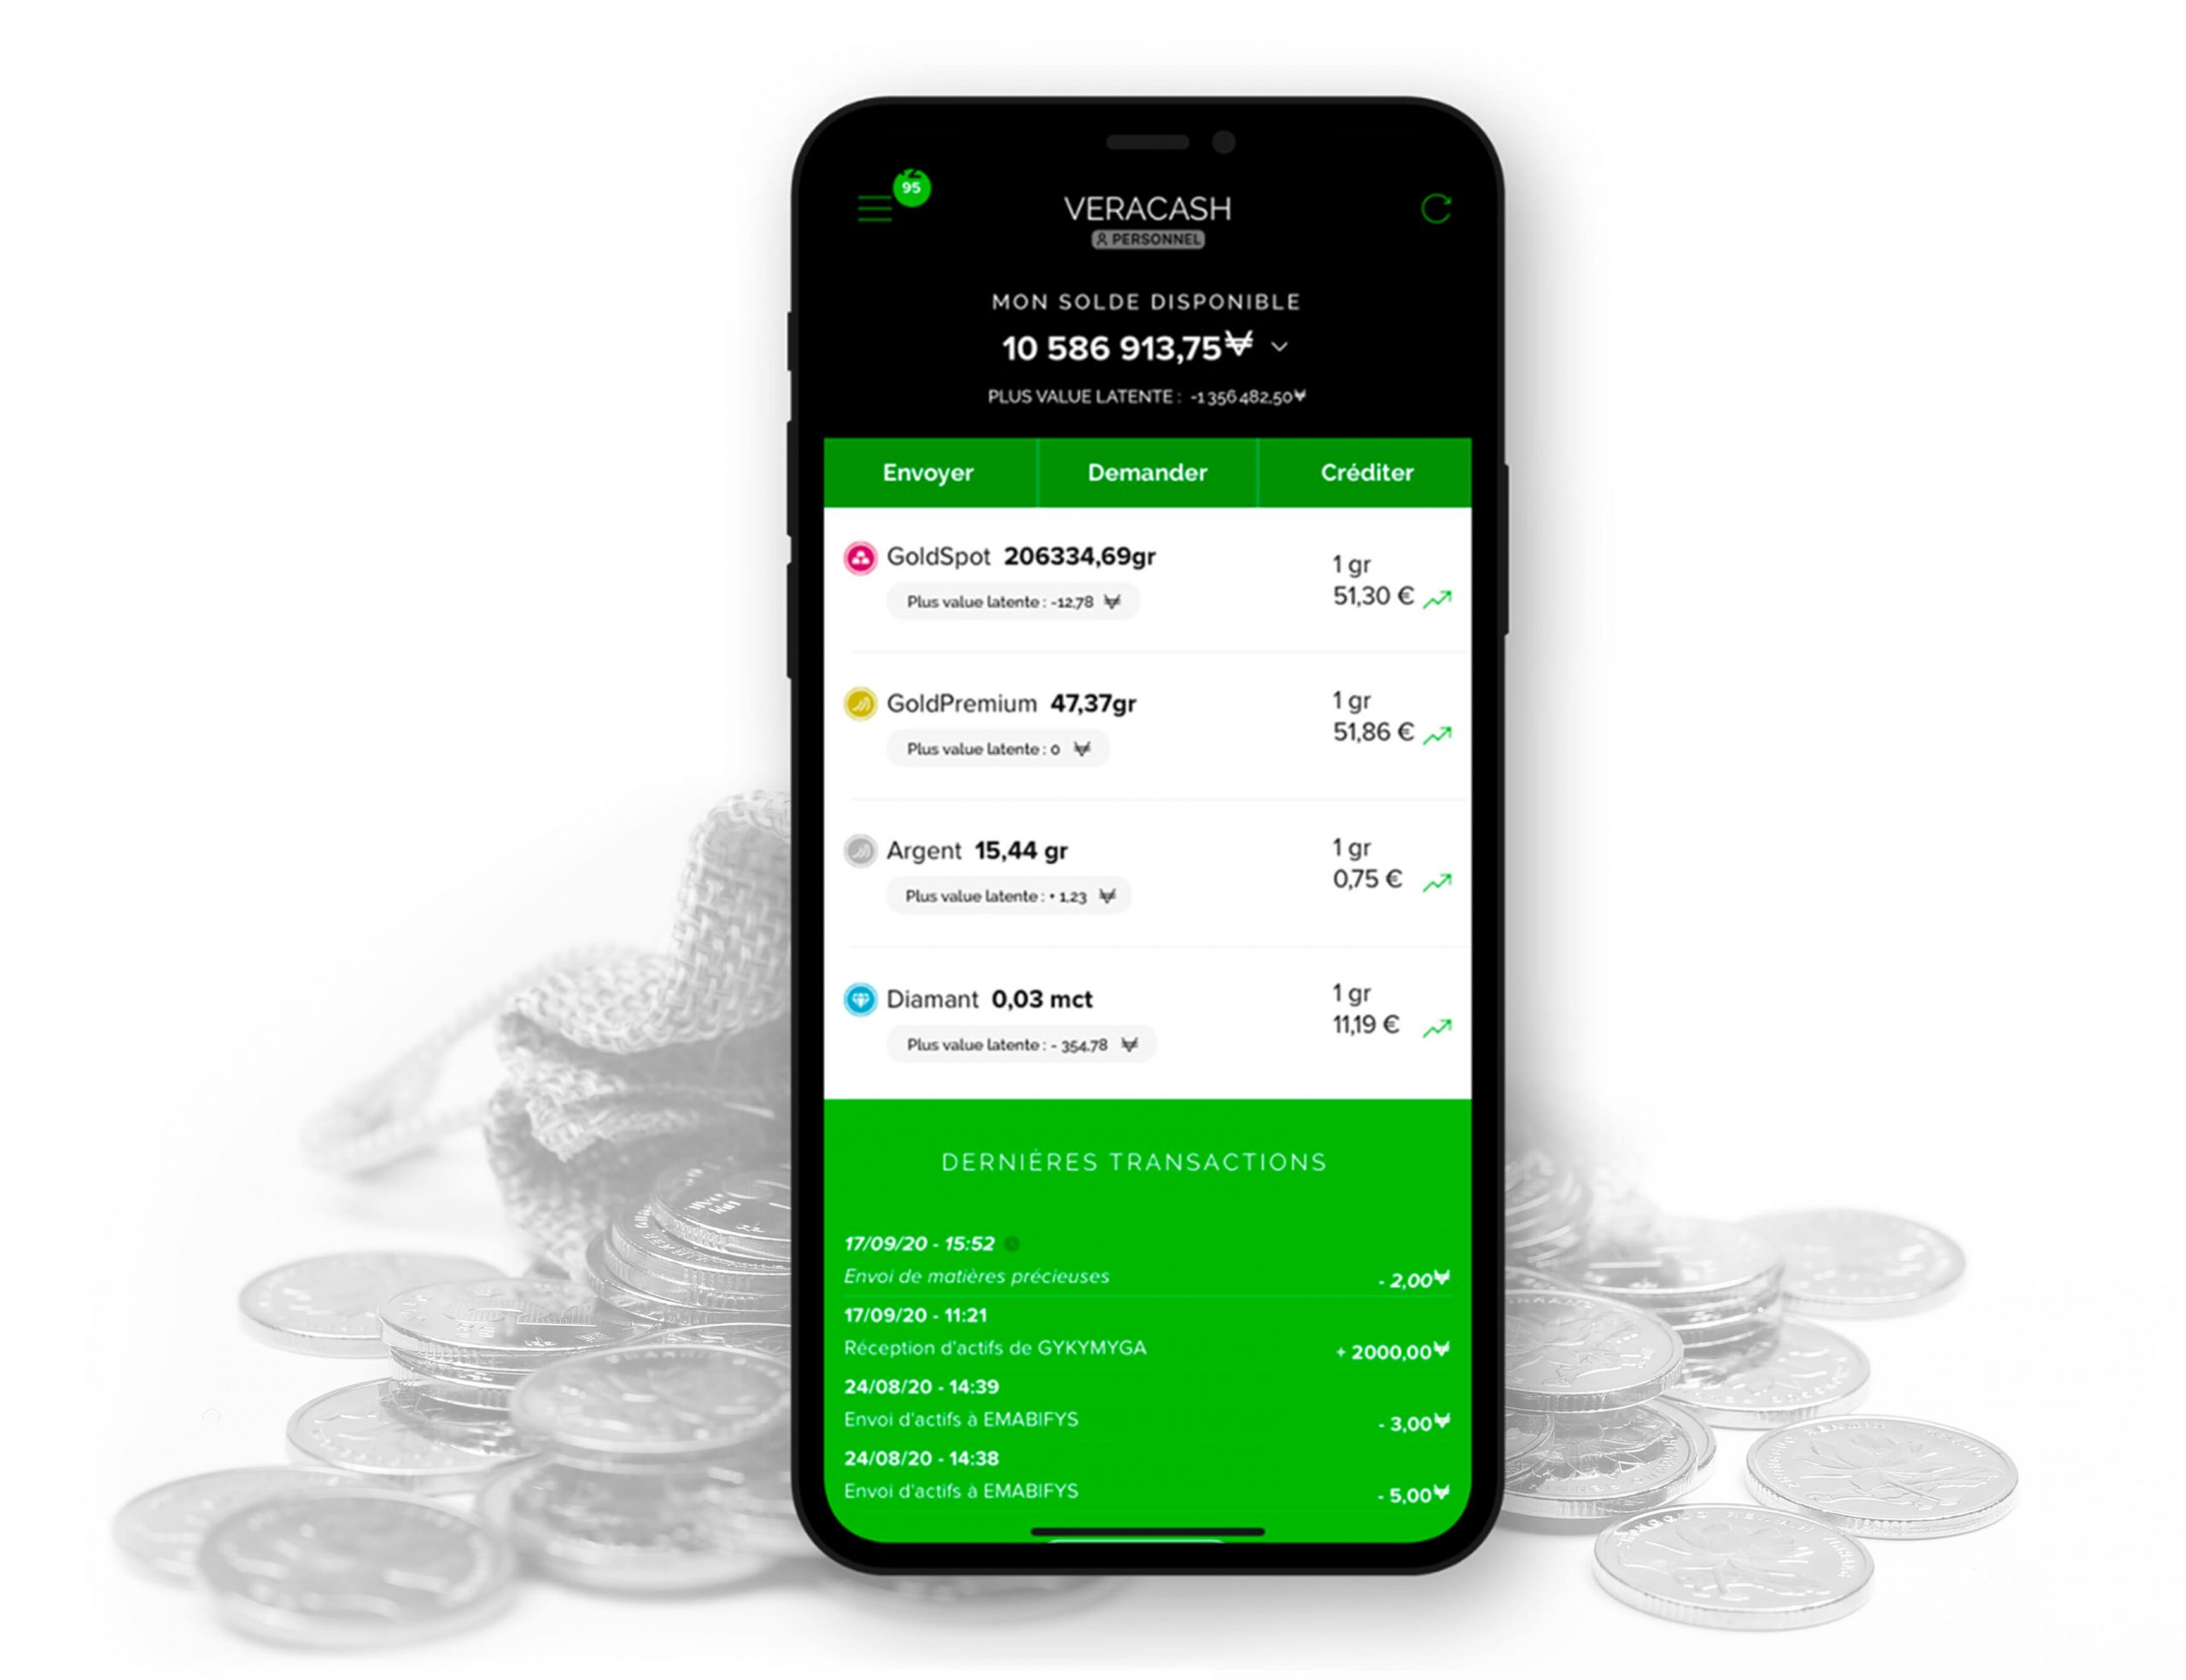 Application mobile Veracash : audit et évolutions confiés à InfleXsys